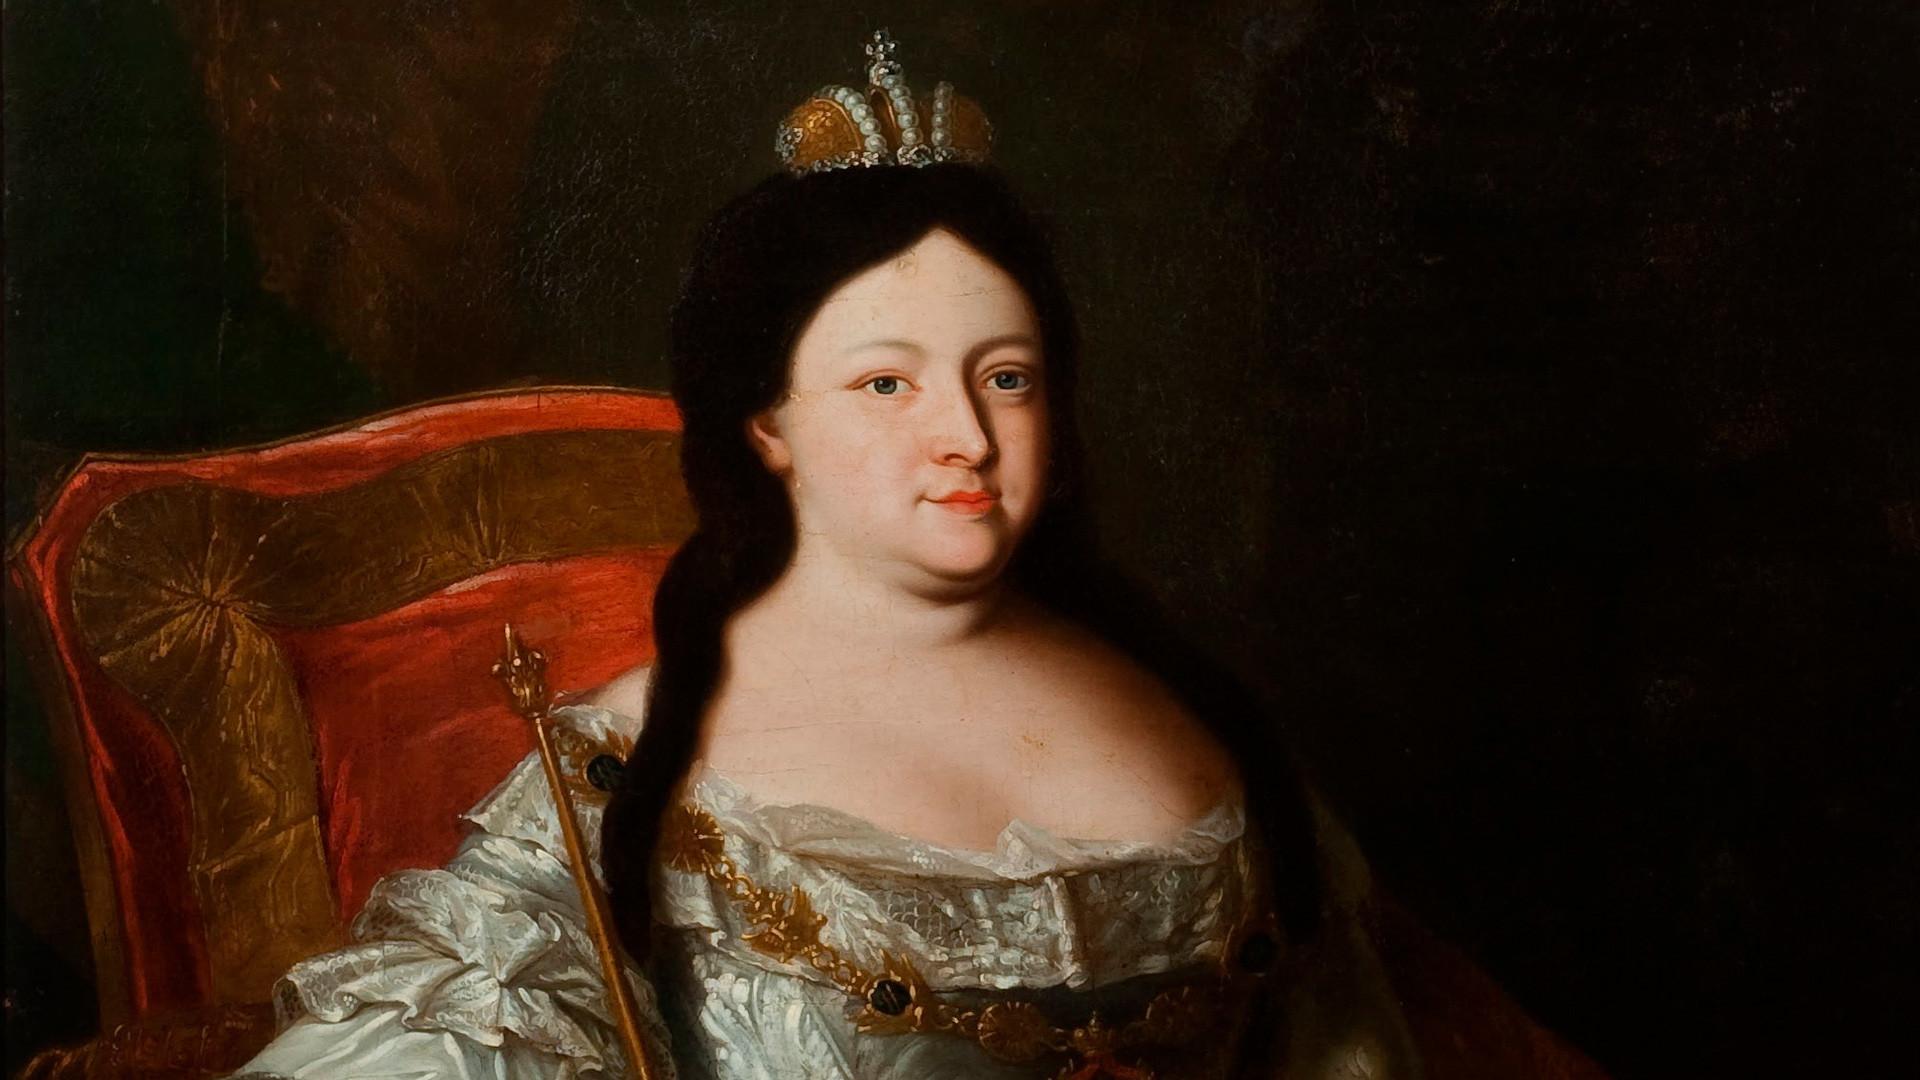 Retrato da imperatriz Anna Ioannovna.